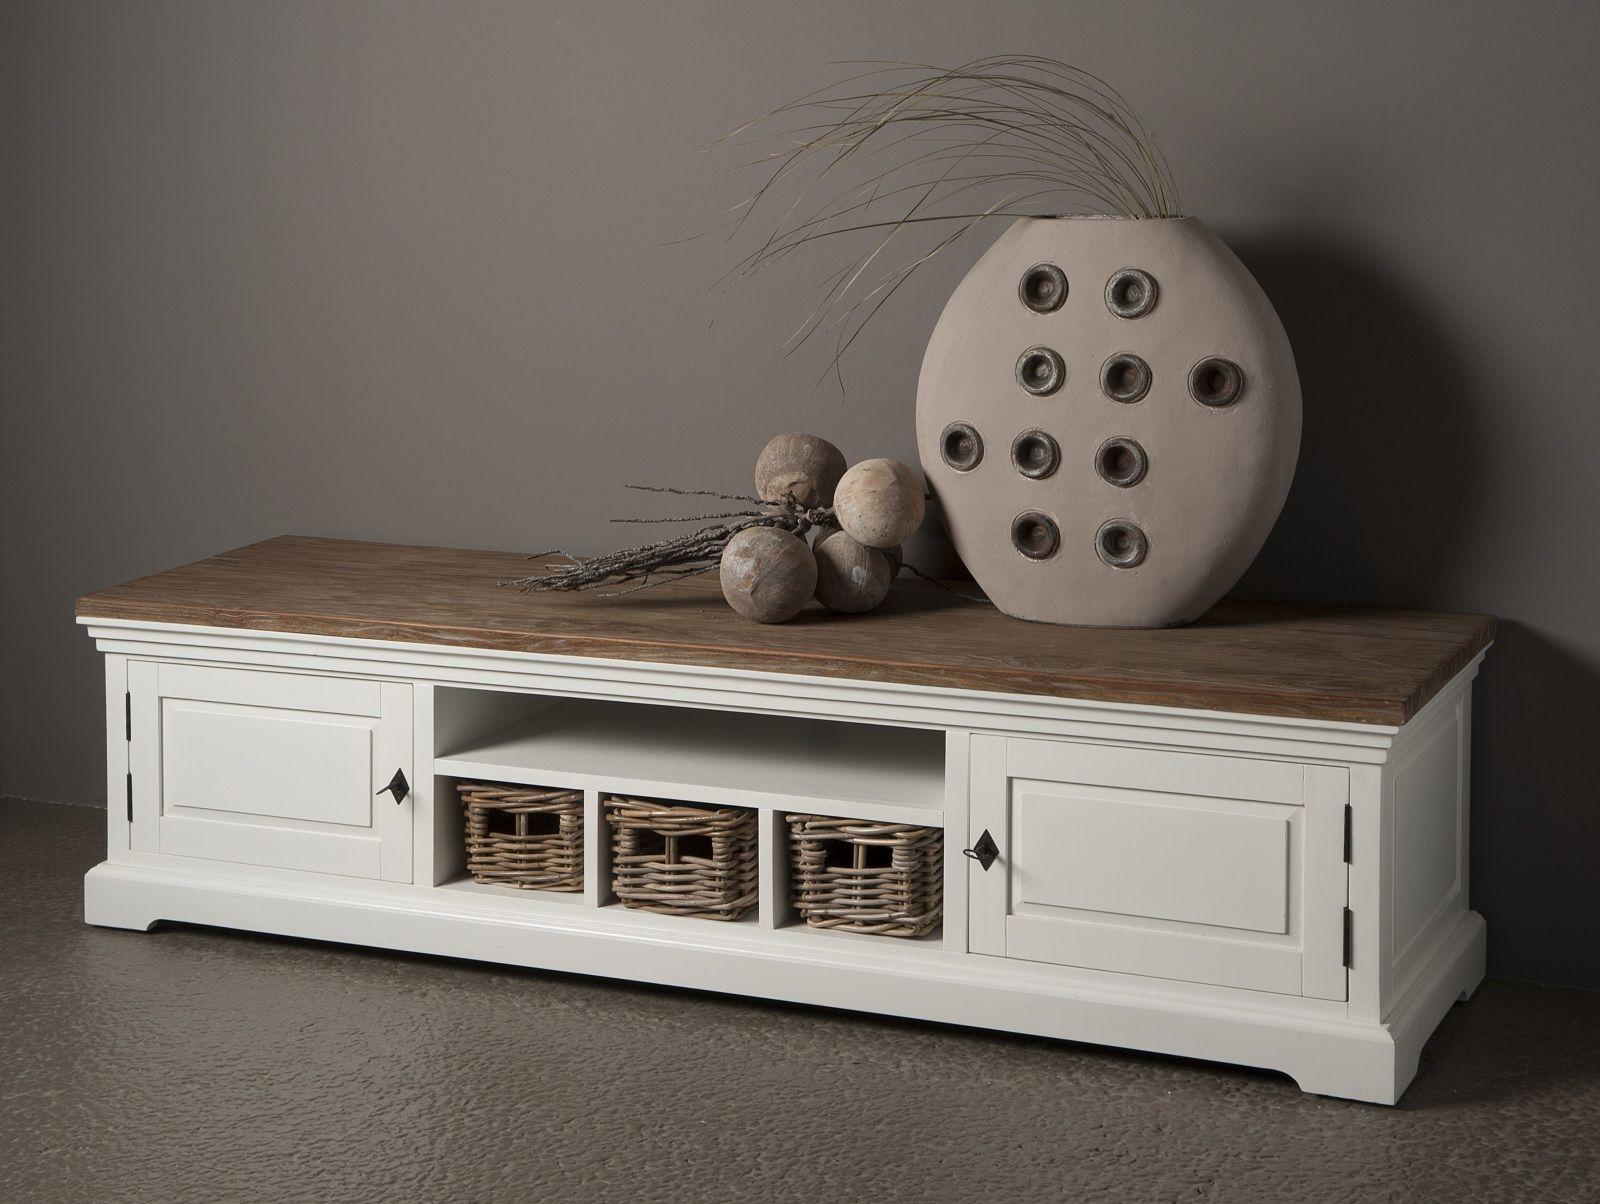 Mahonie Tv Meubel : Lage en brede witte tv meubel van mahonie met een oud teak